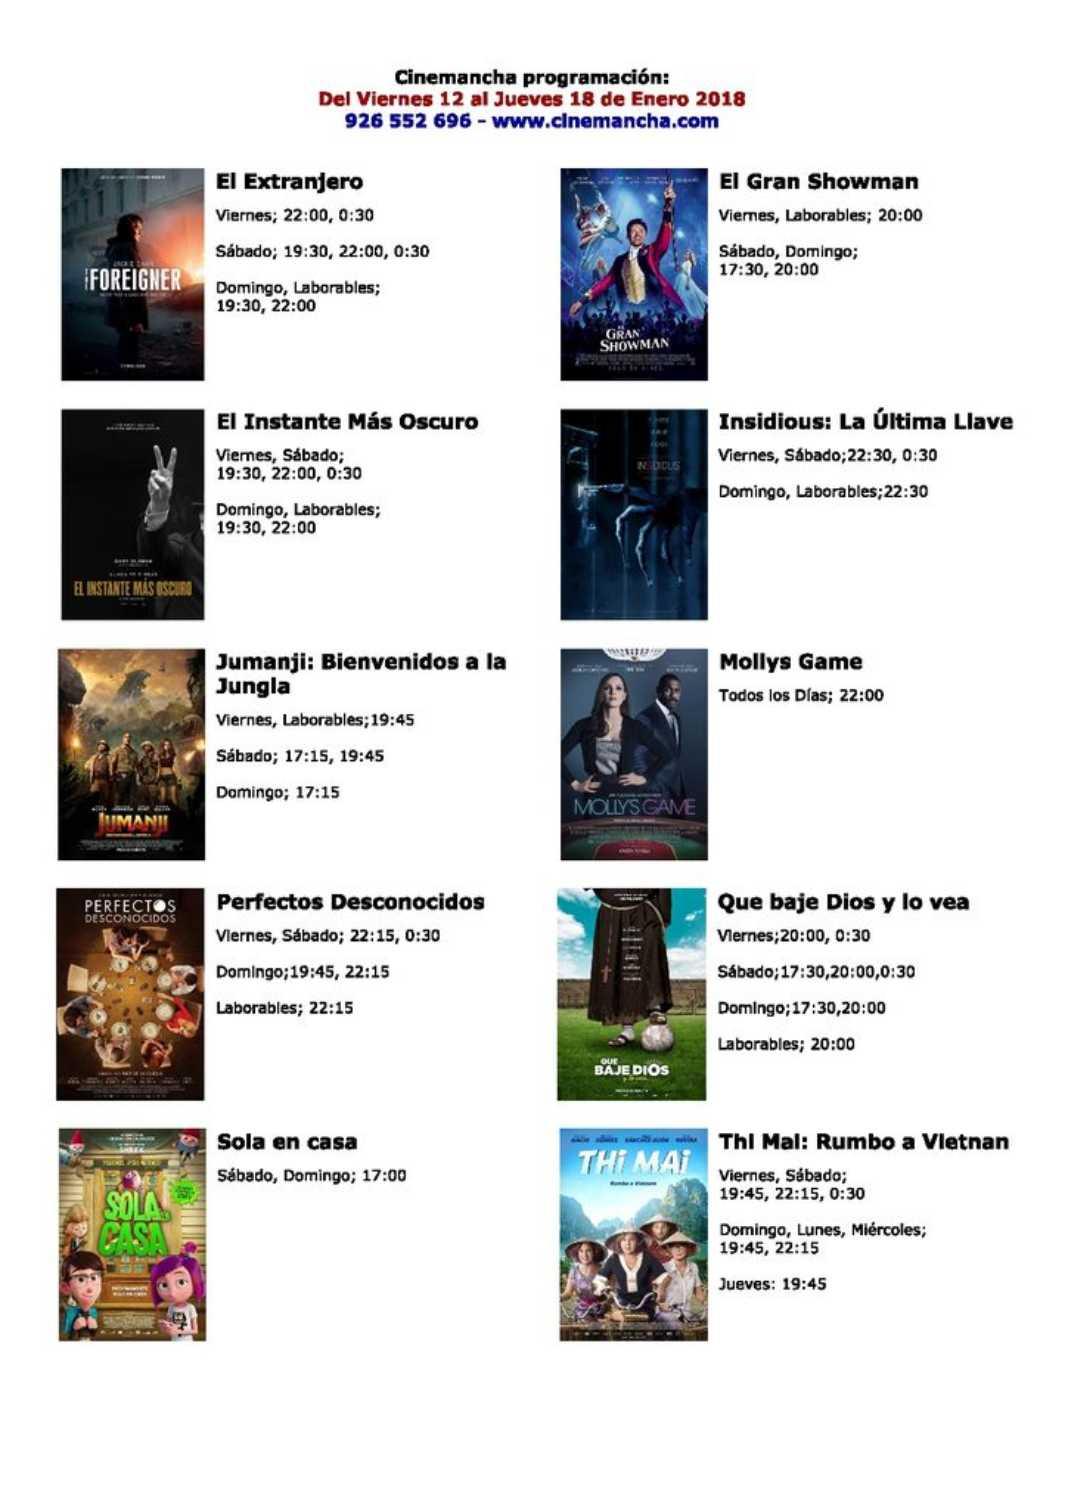 Cartelera Cinemancha del 12 al 18 de enero 2